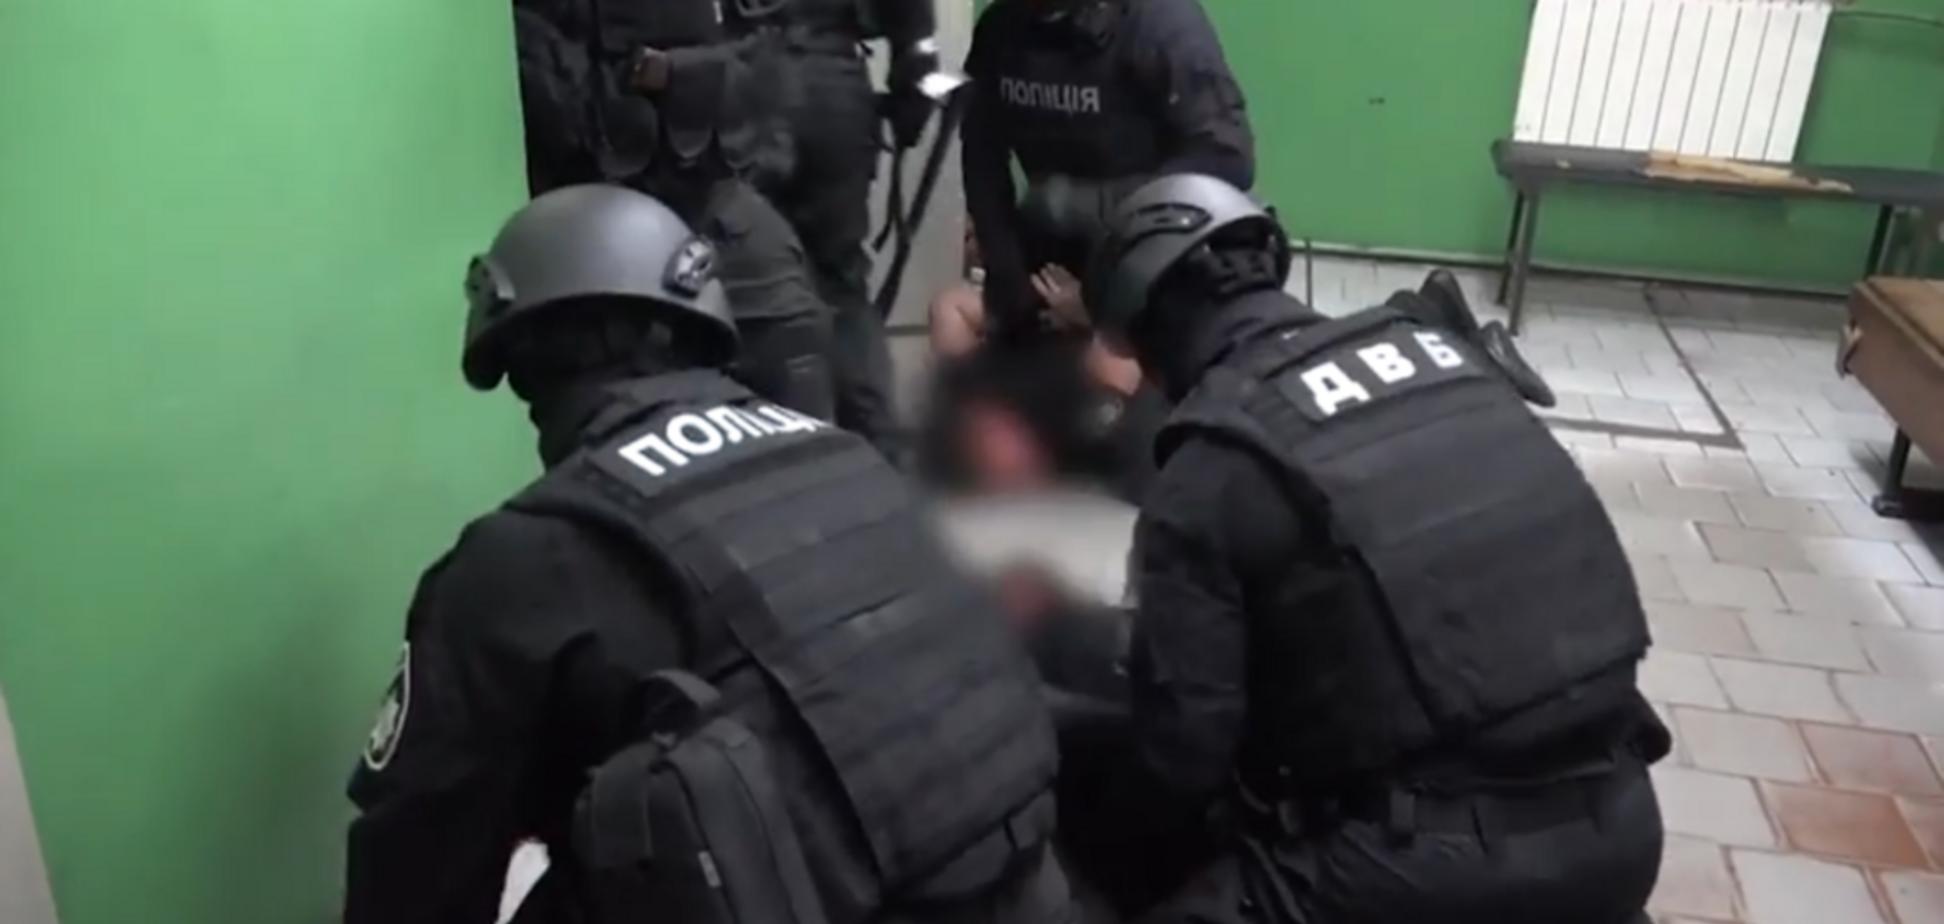 Избивали пассажиров метро: суд вынес решение по копам-вымогателям из Харькова